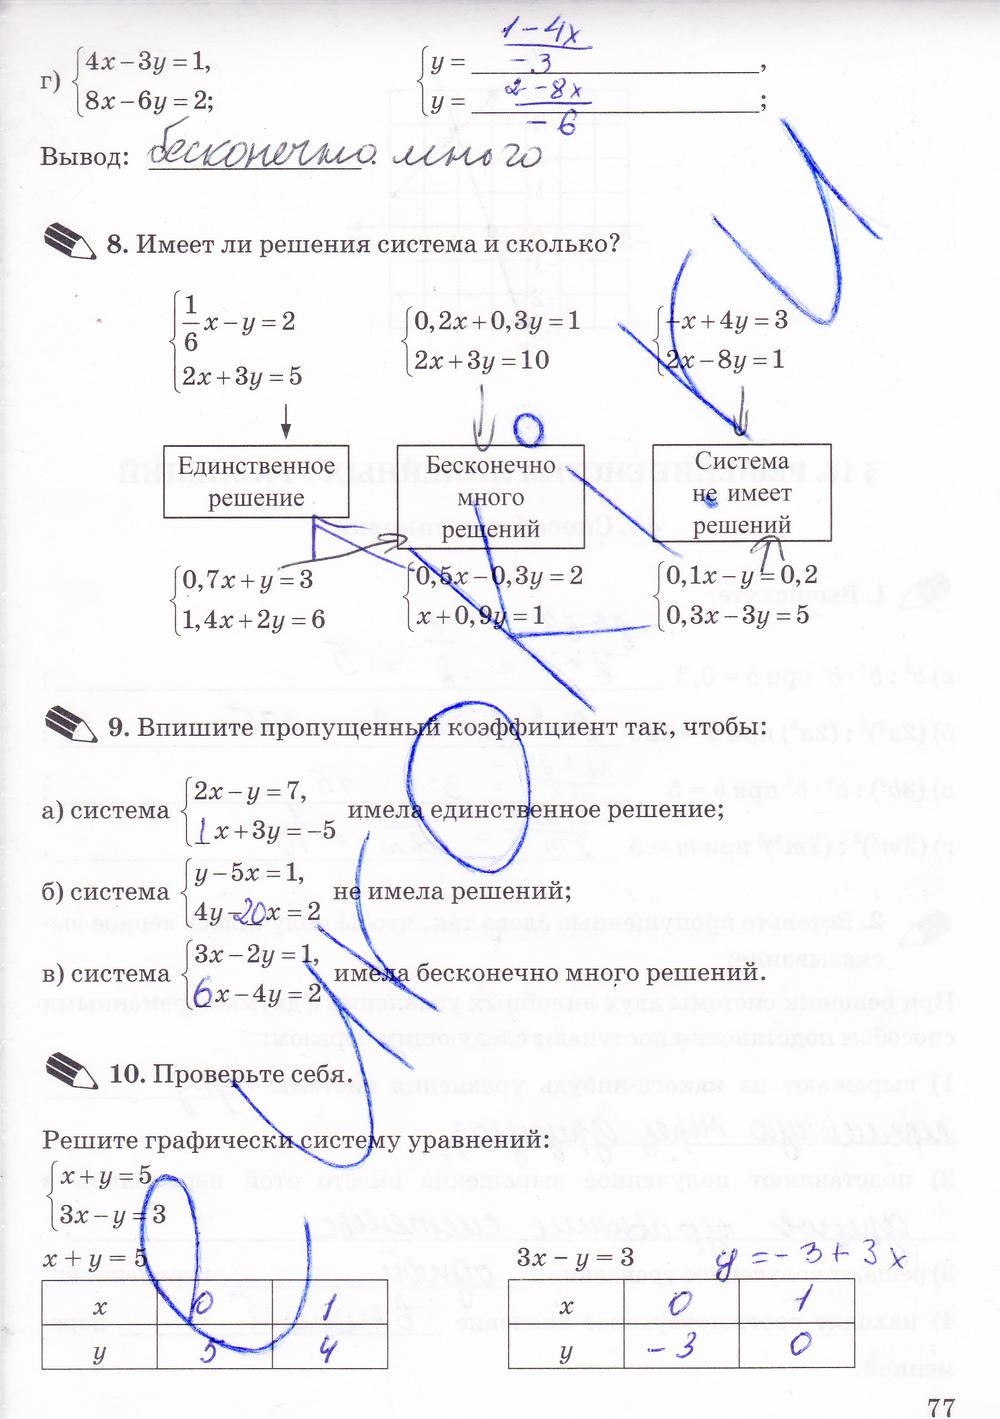 2 алгебре решебник часть 7 макарычев по